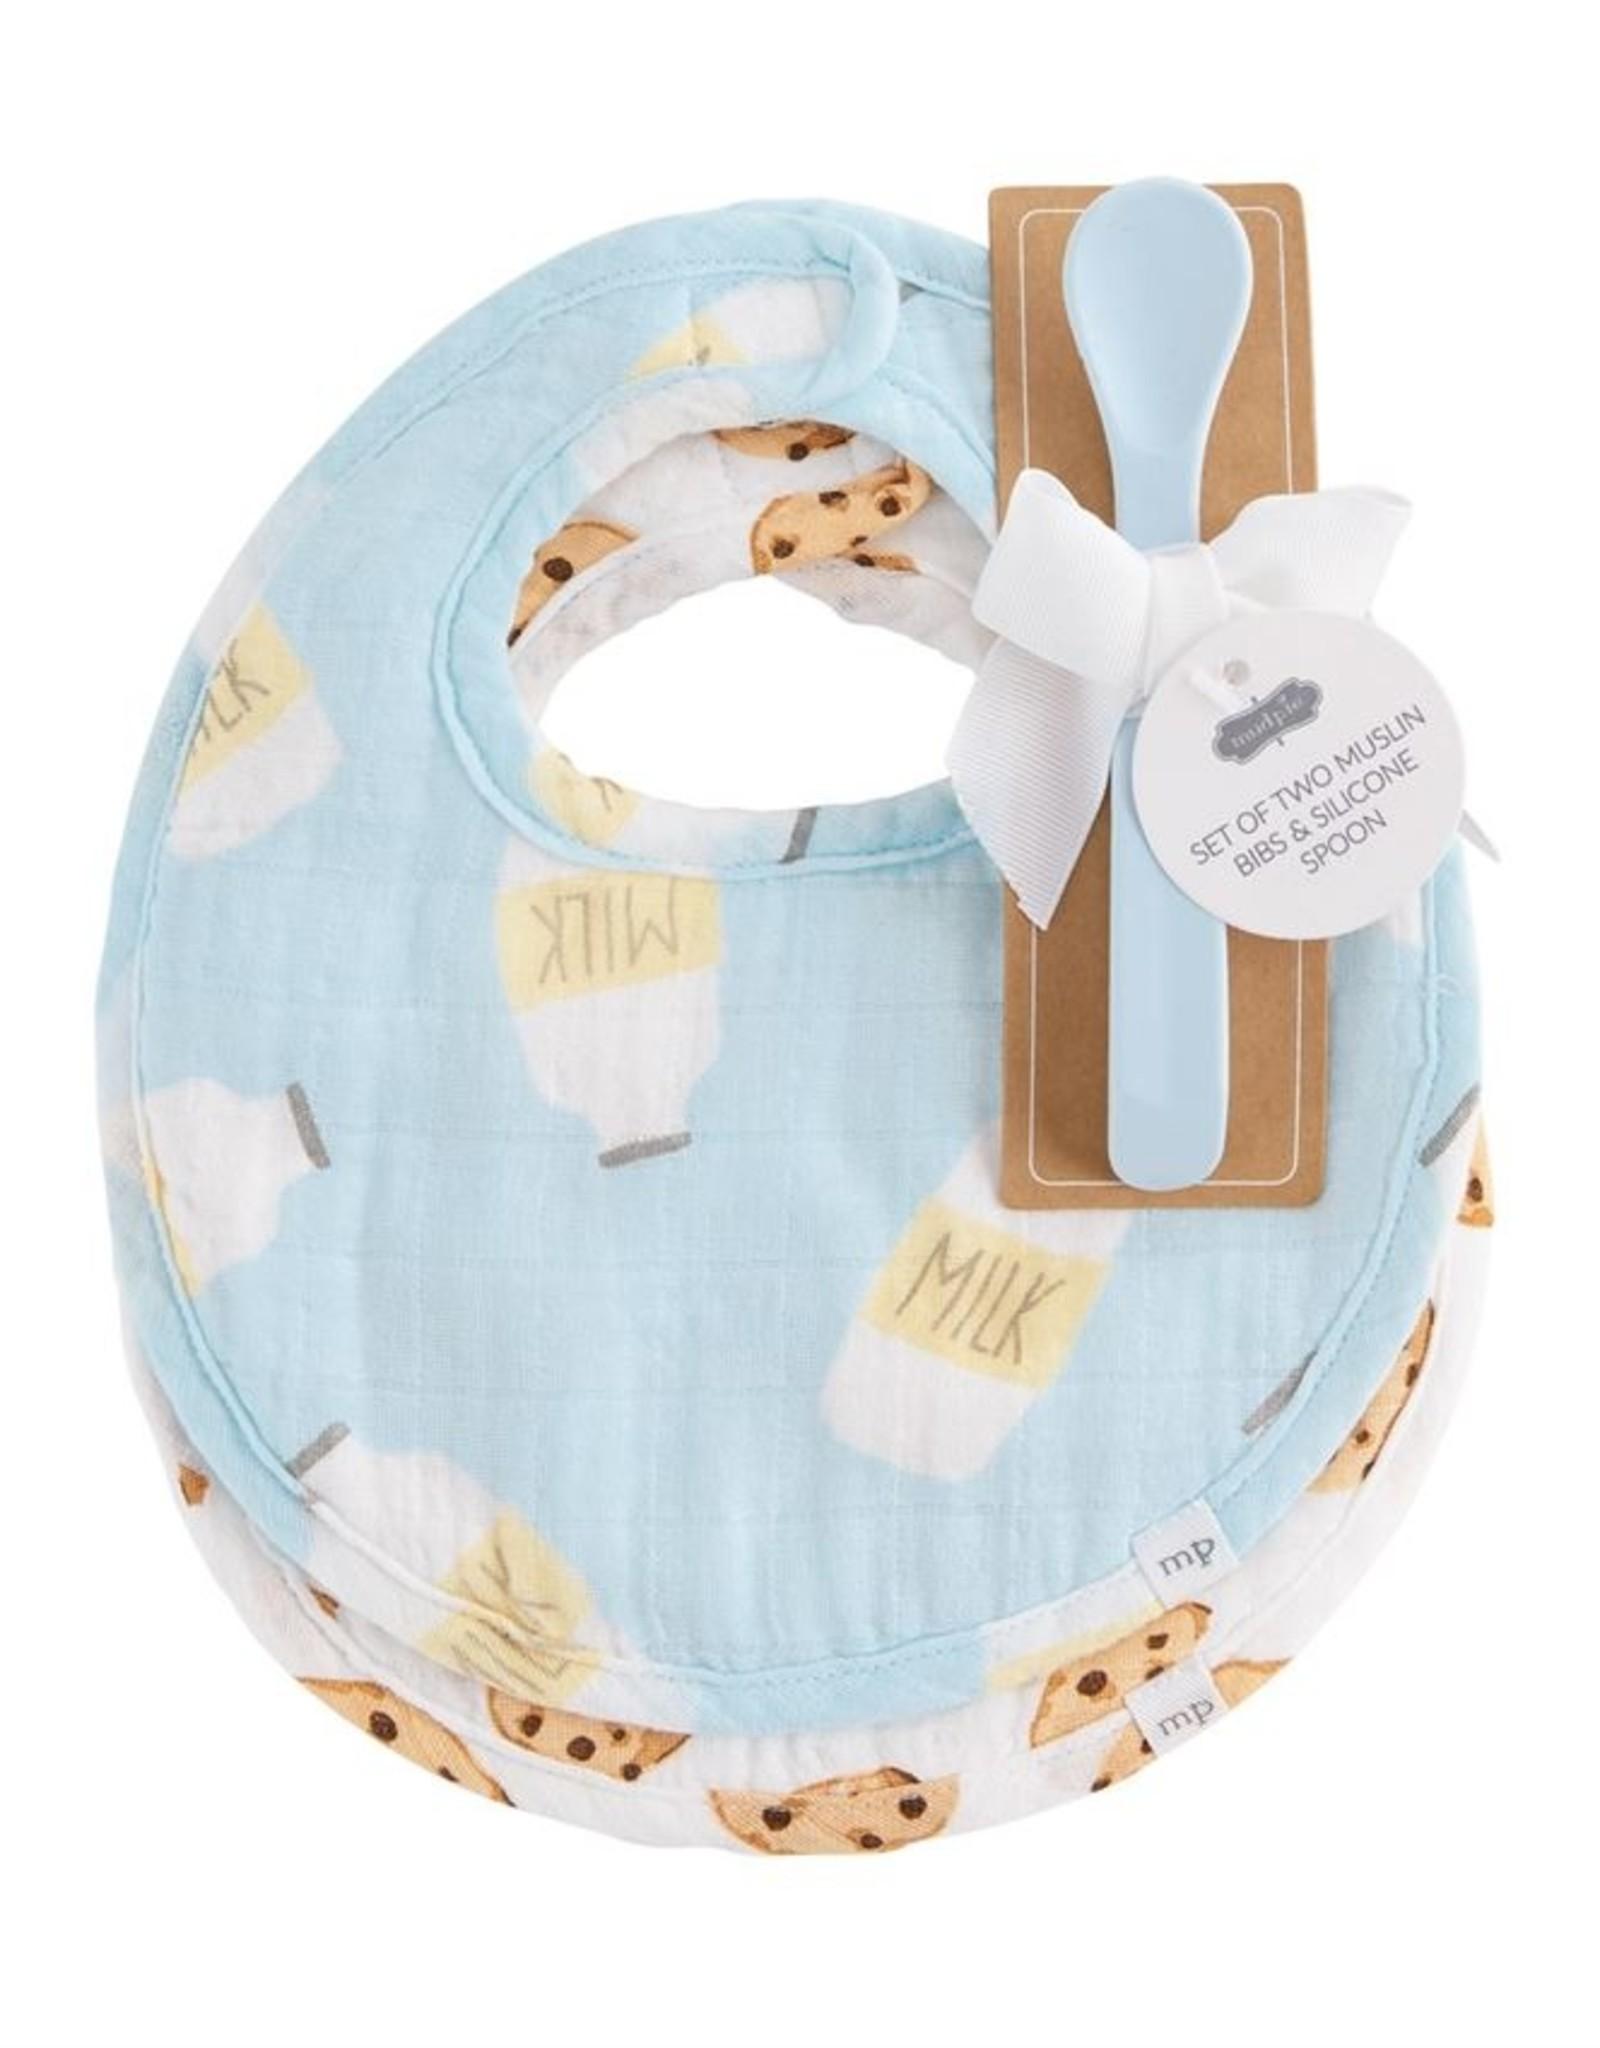 MudPie Milk & Cookies Bib & Spooon Set - Blue